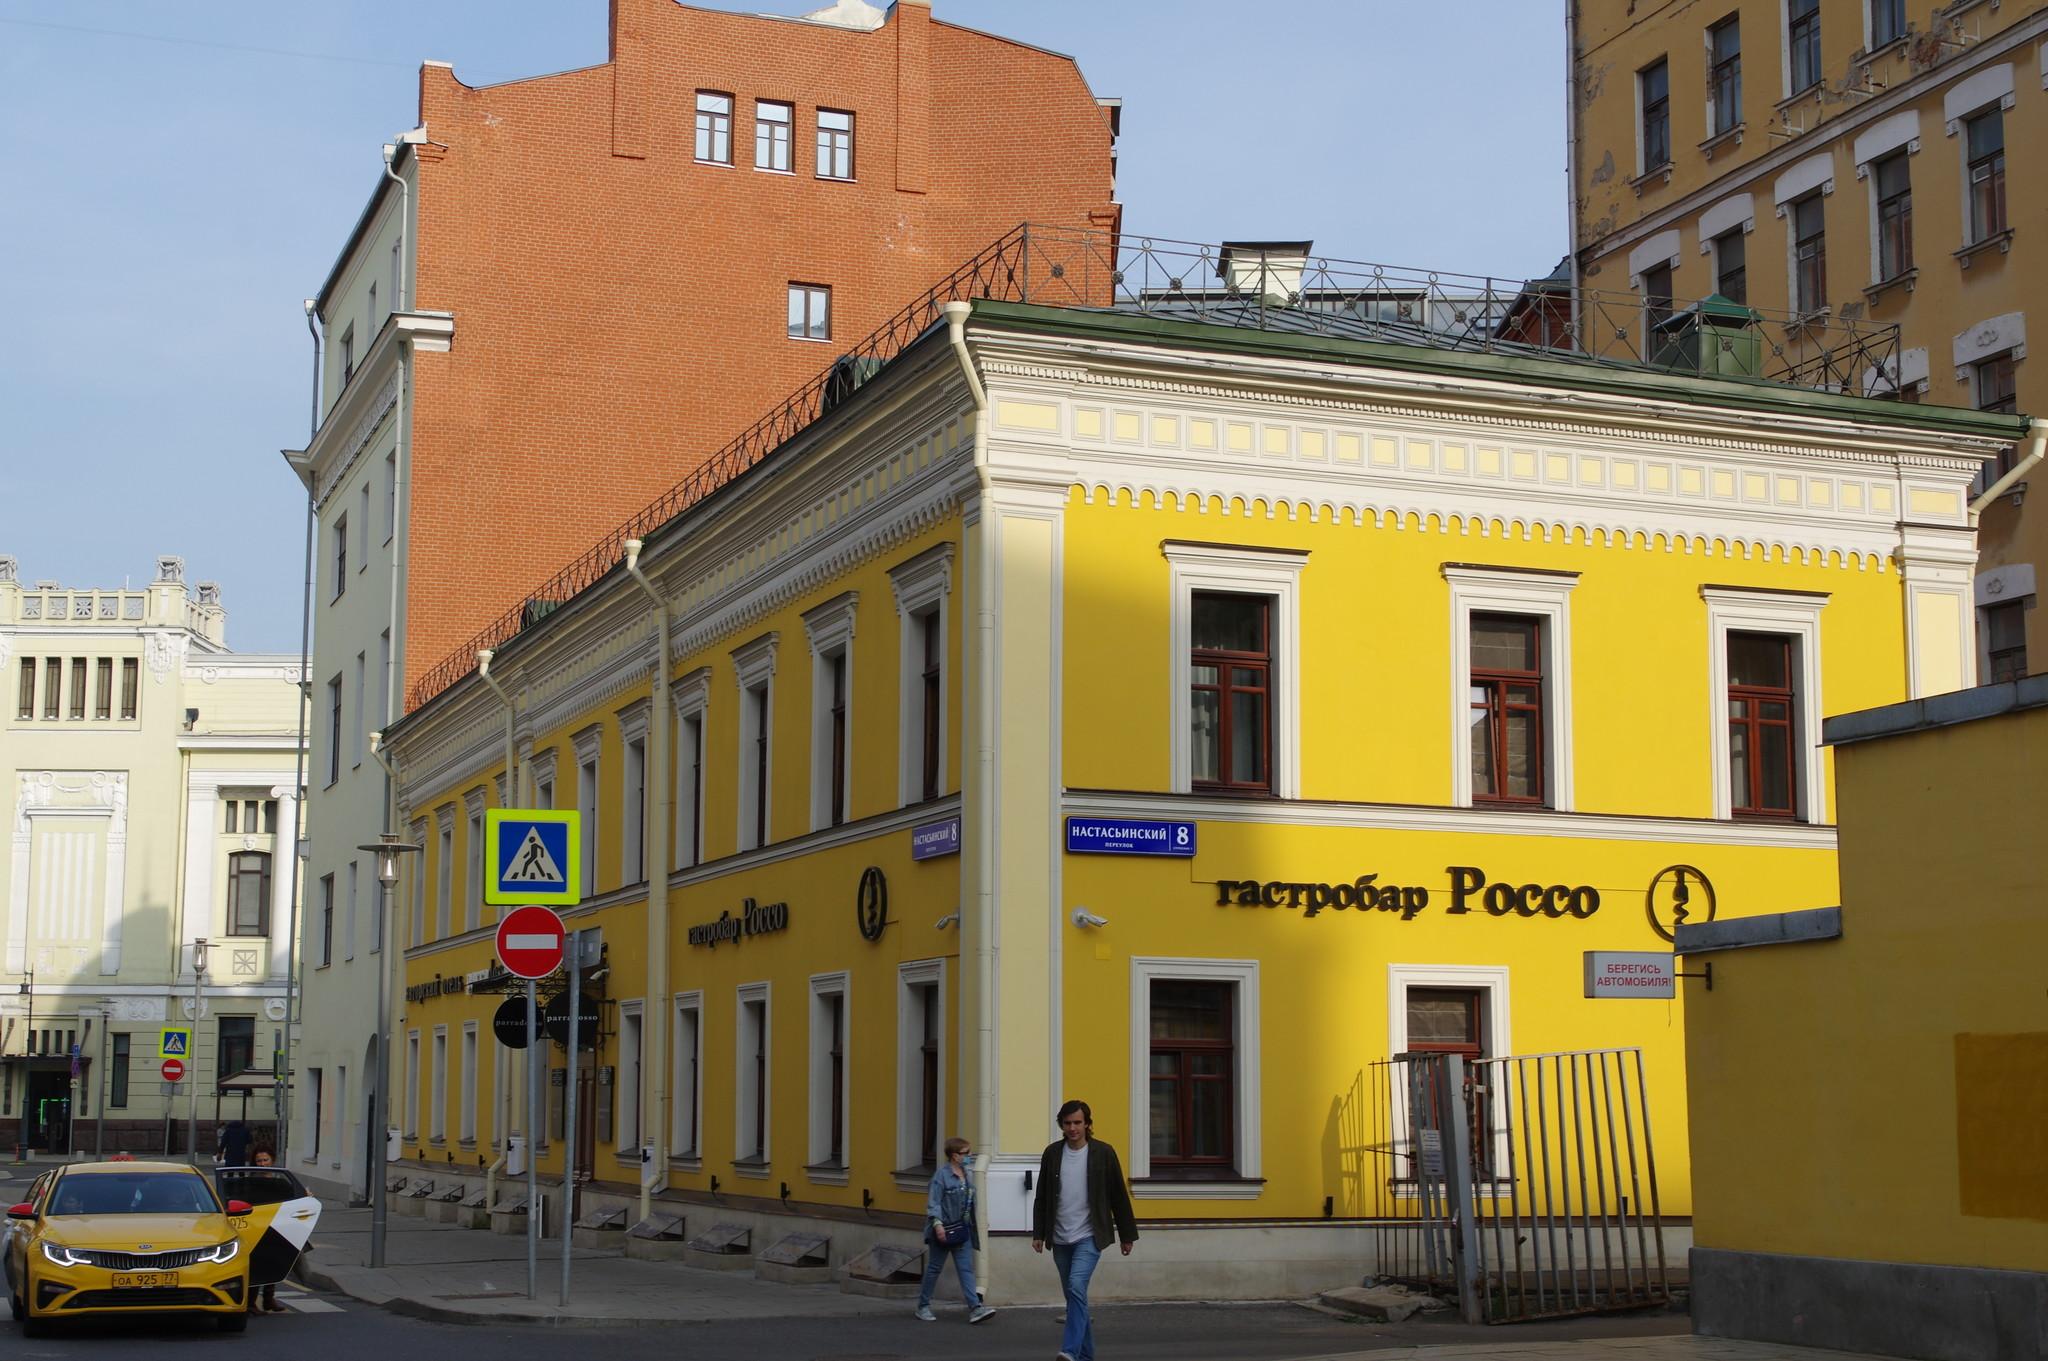 Настасьинский переулок, дом 8, строение 1